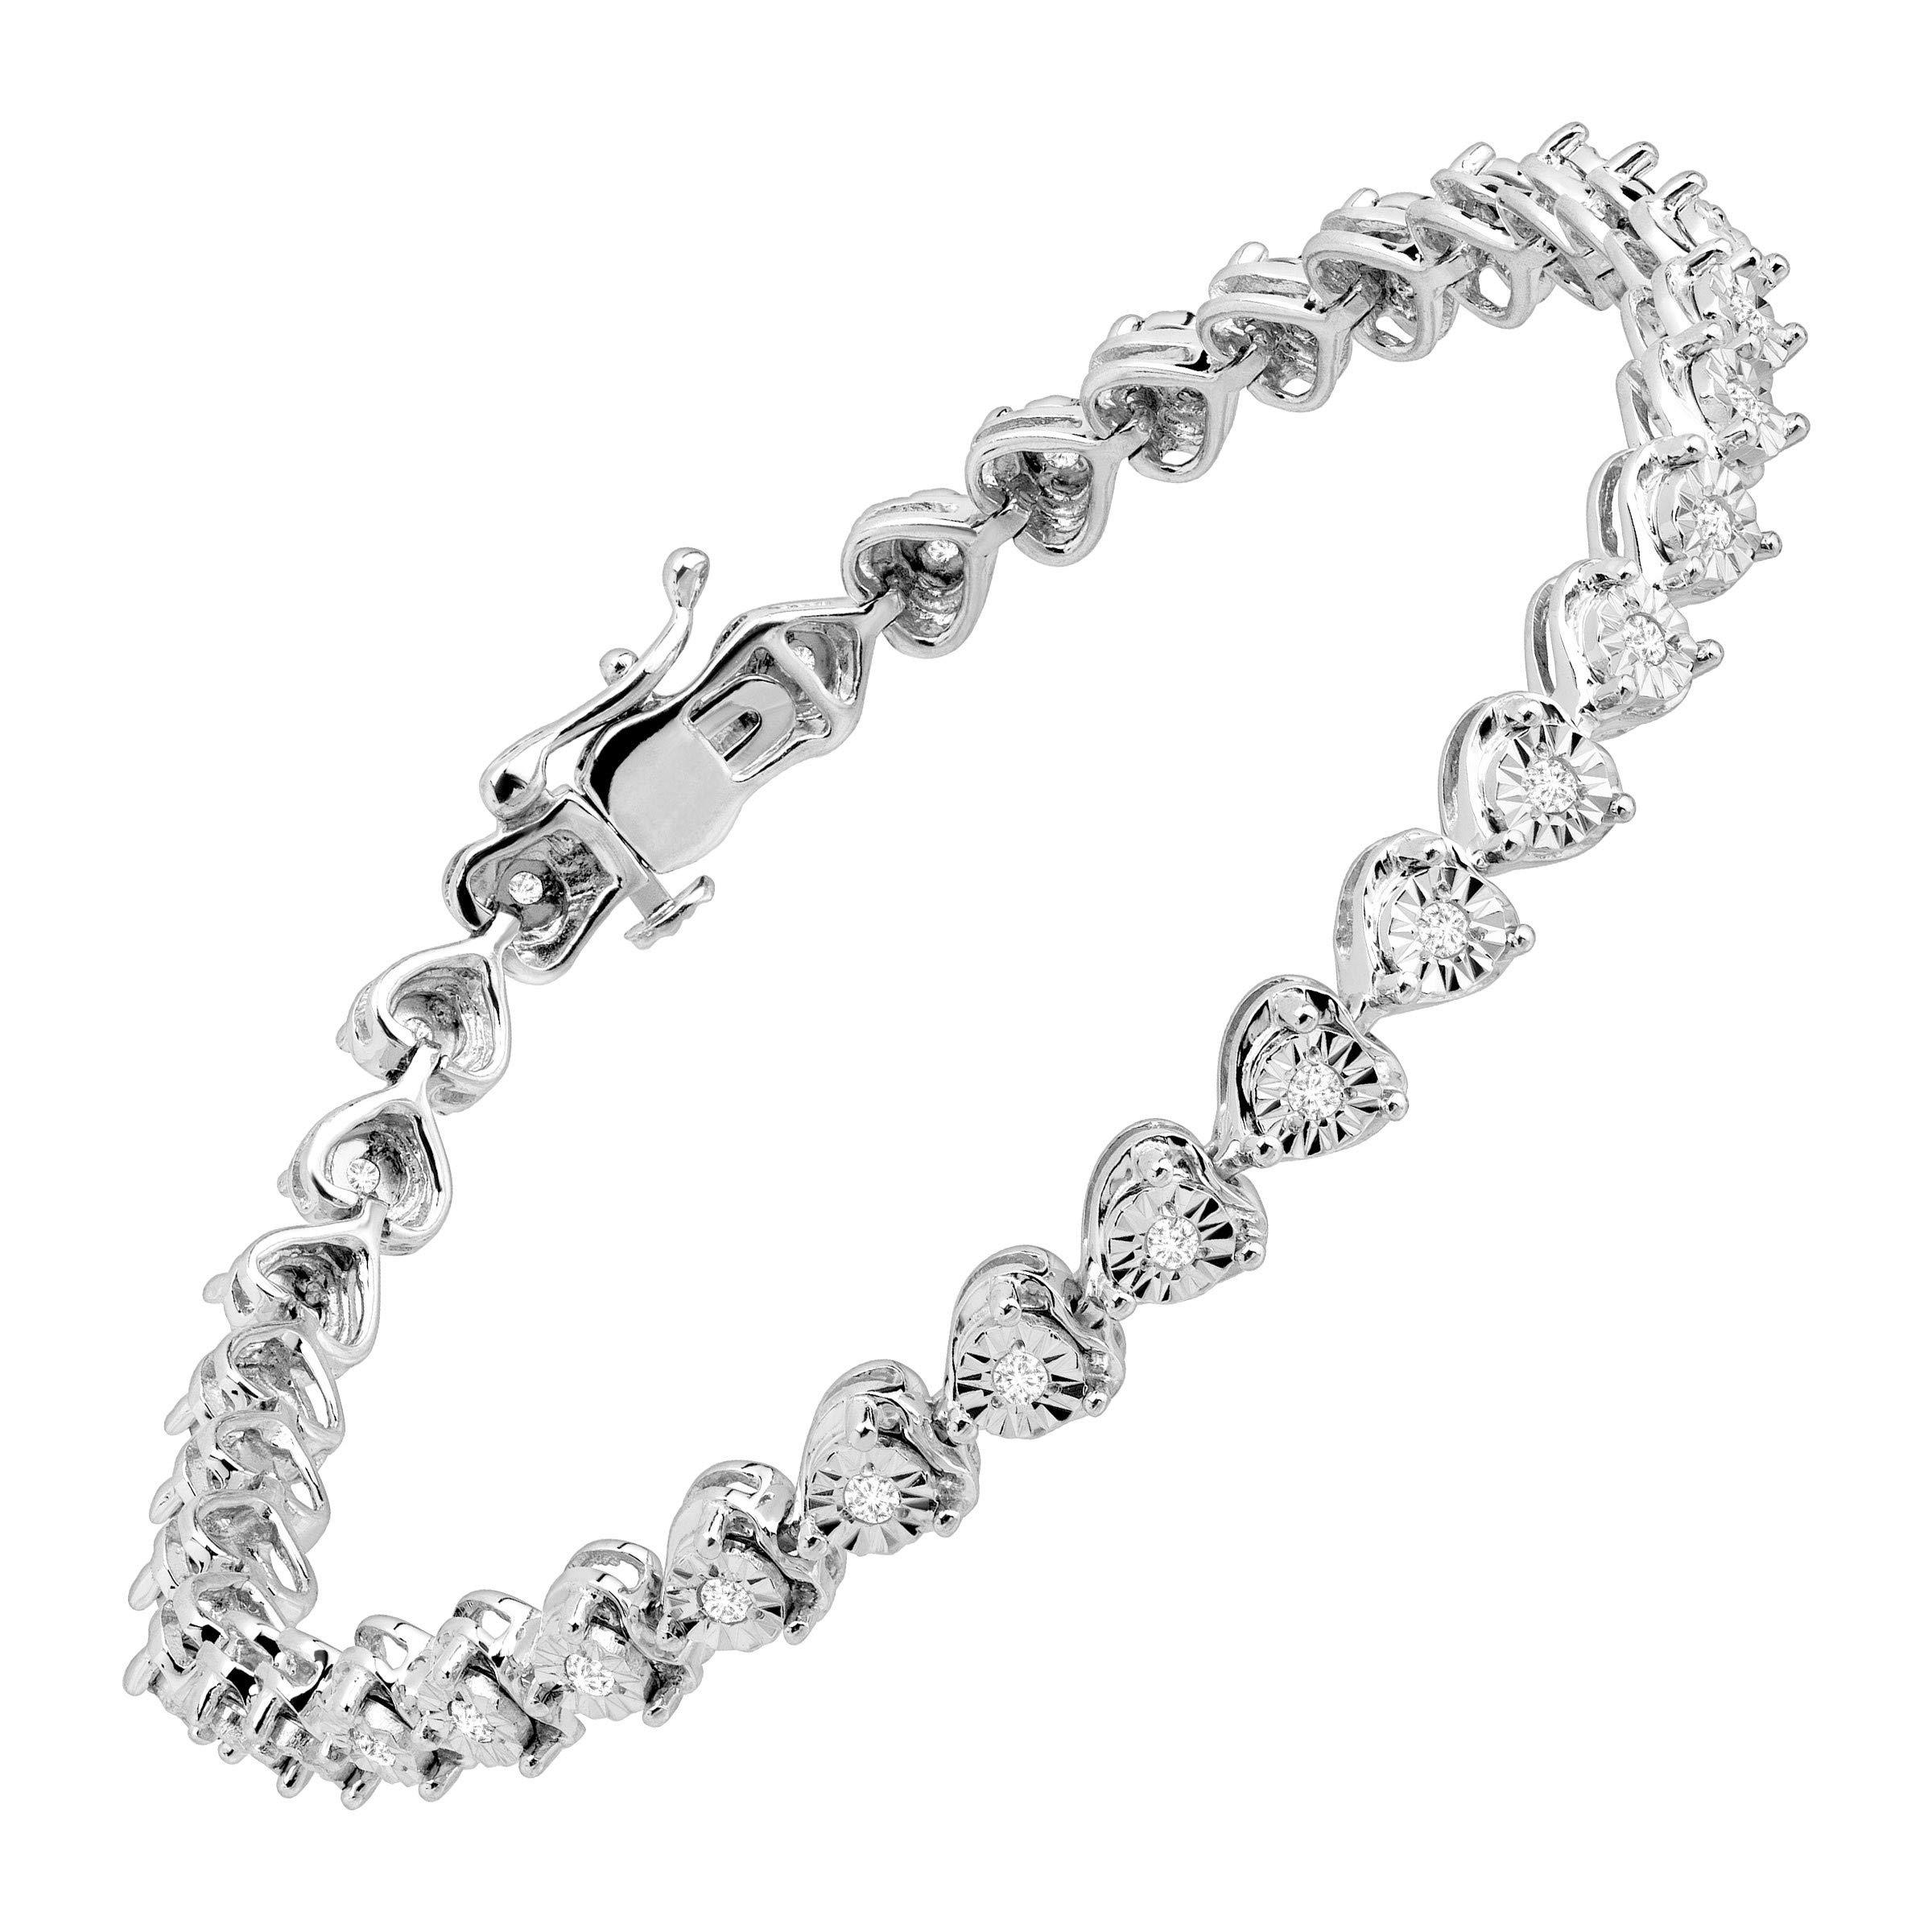 1/2 ct Diamond Heart Tennis Bracelet in Sterling Silver